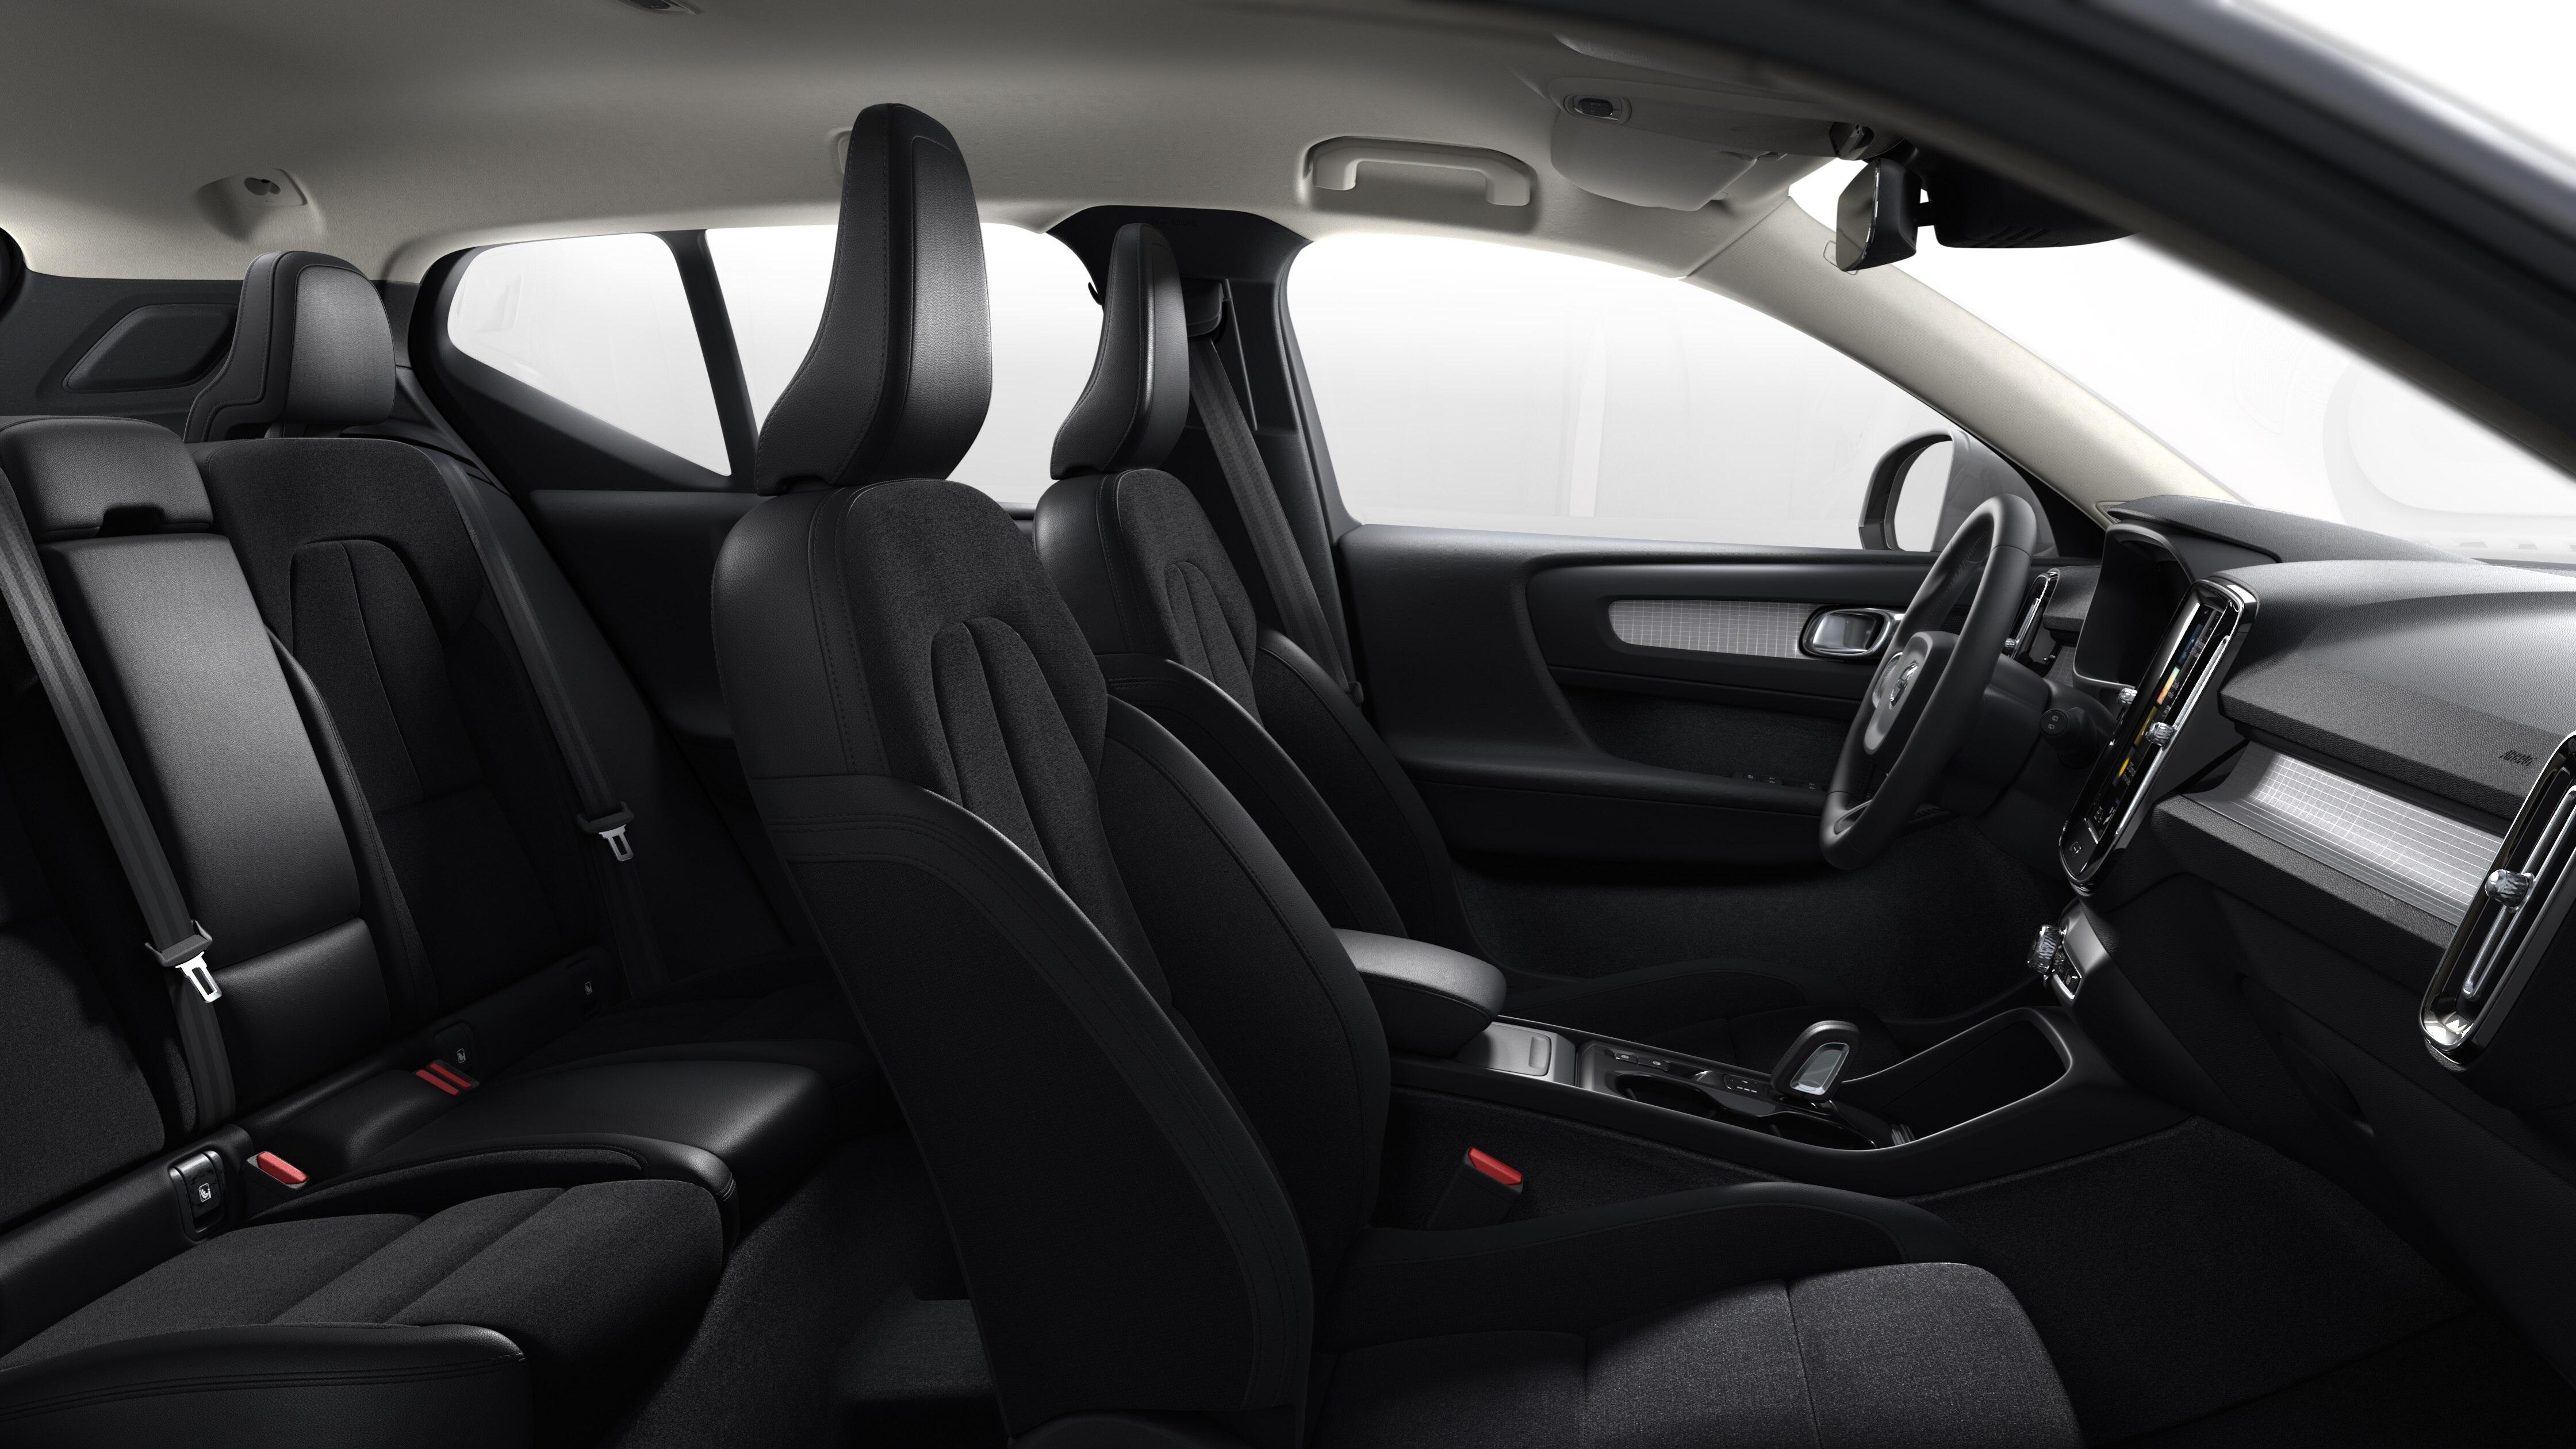 Volvo XC40 ilgalaikė automobilių nuoma | Sixt Leasing